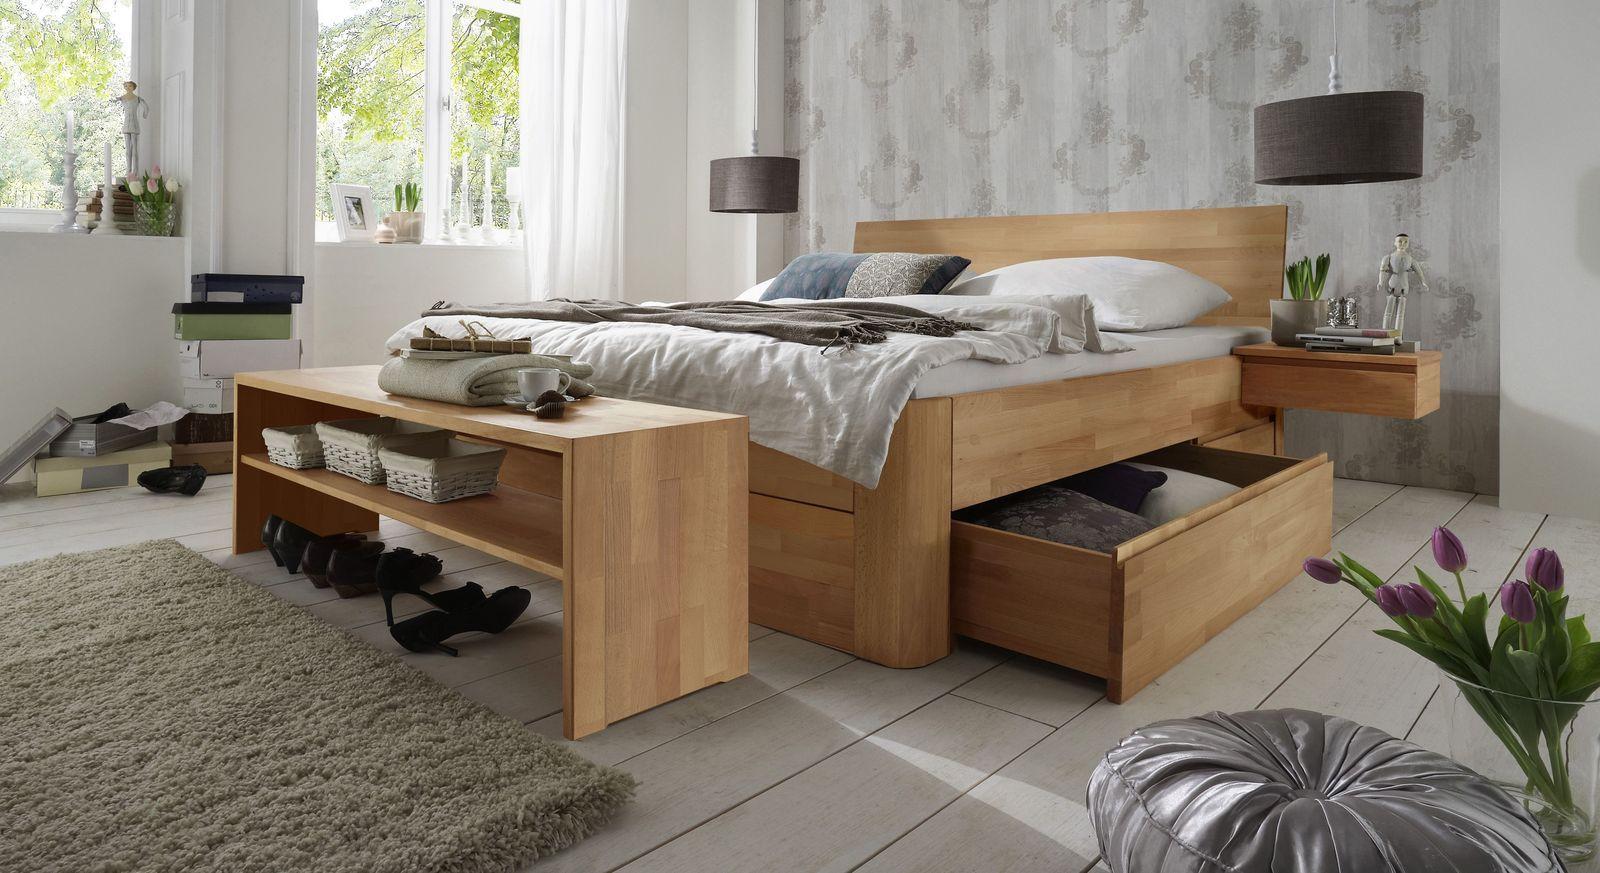 Full Size of Schubkasten Doppelbett Zarbo Schlafzimmer Massivholz Bett Betten.de